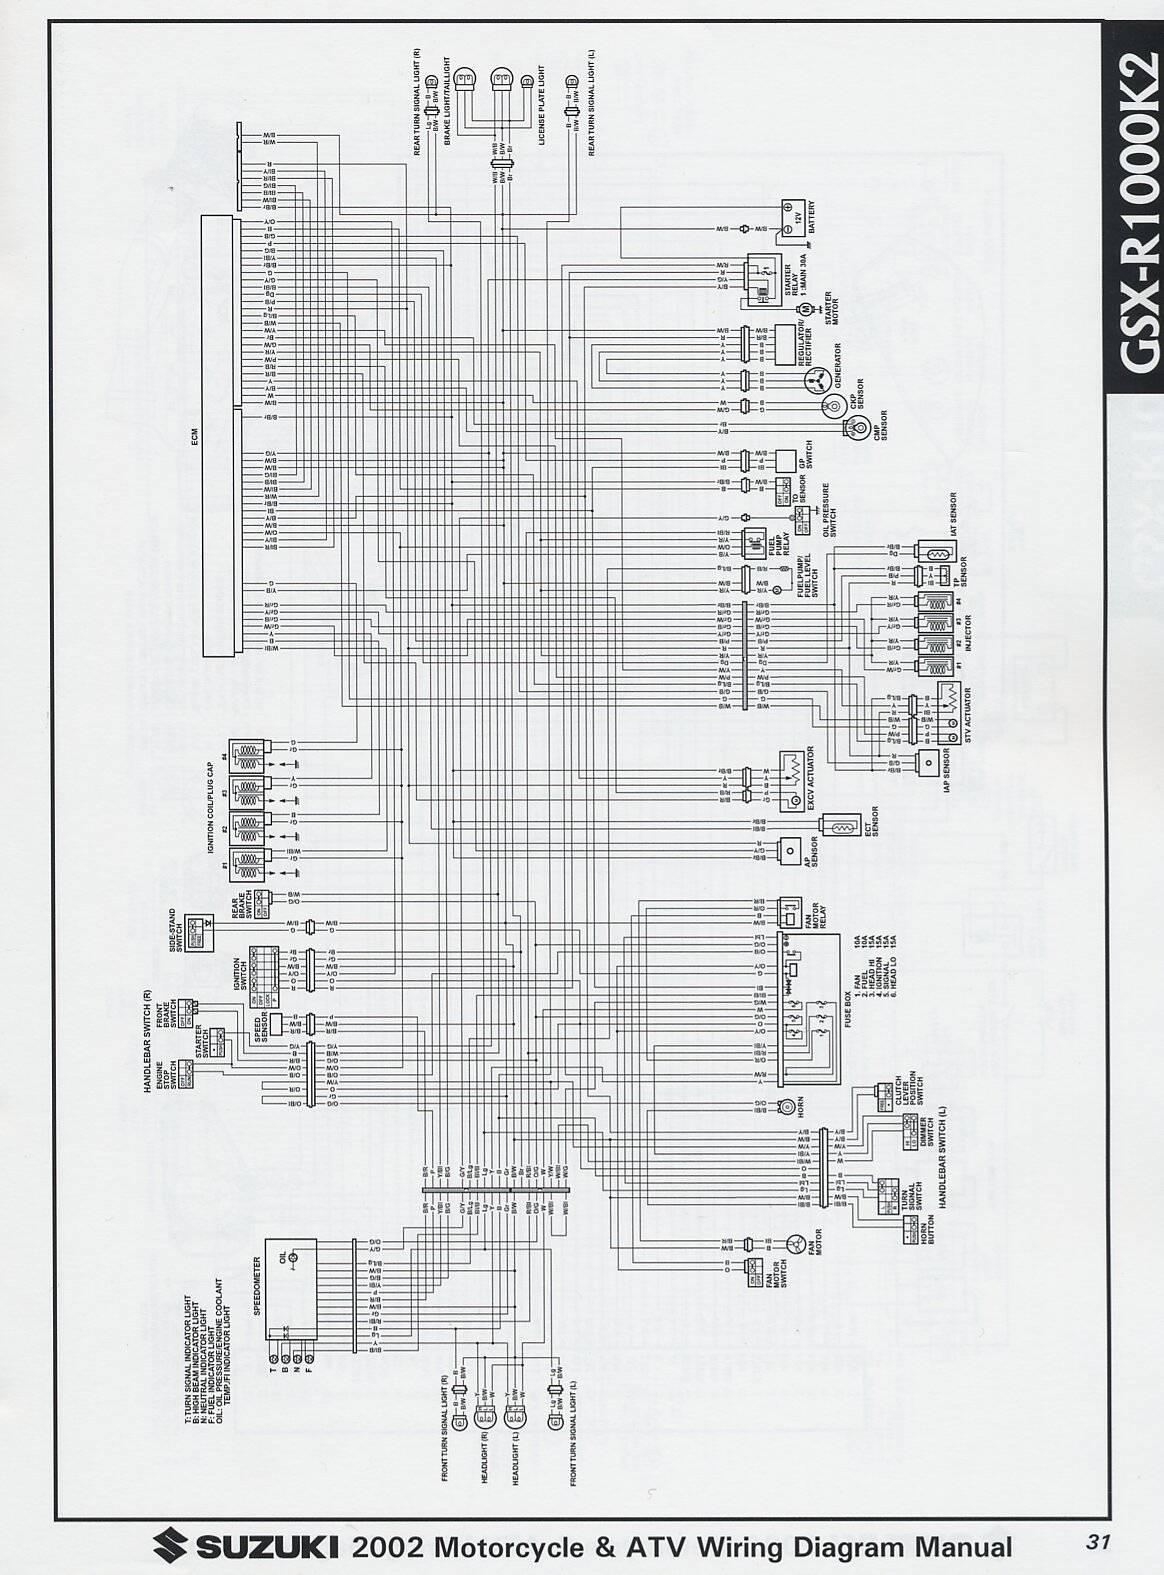 2002 gsx 750 wiring diagram another blog about wiring diagram u2022 rh ok2  infoservice ru 2006 Gsxr 1000 2009 Gsxr 1000